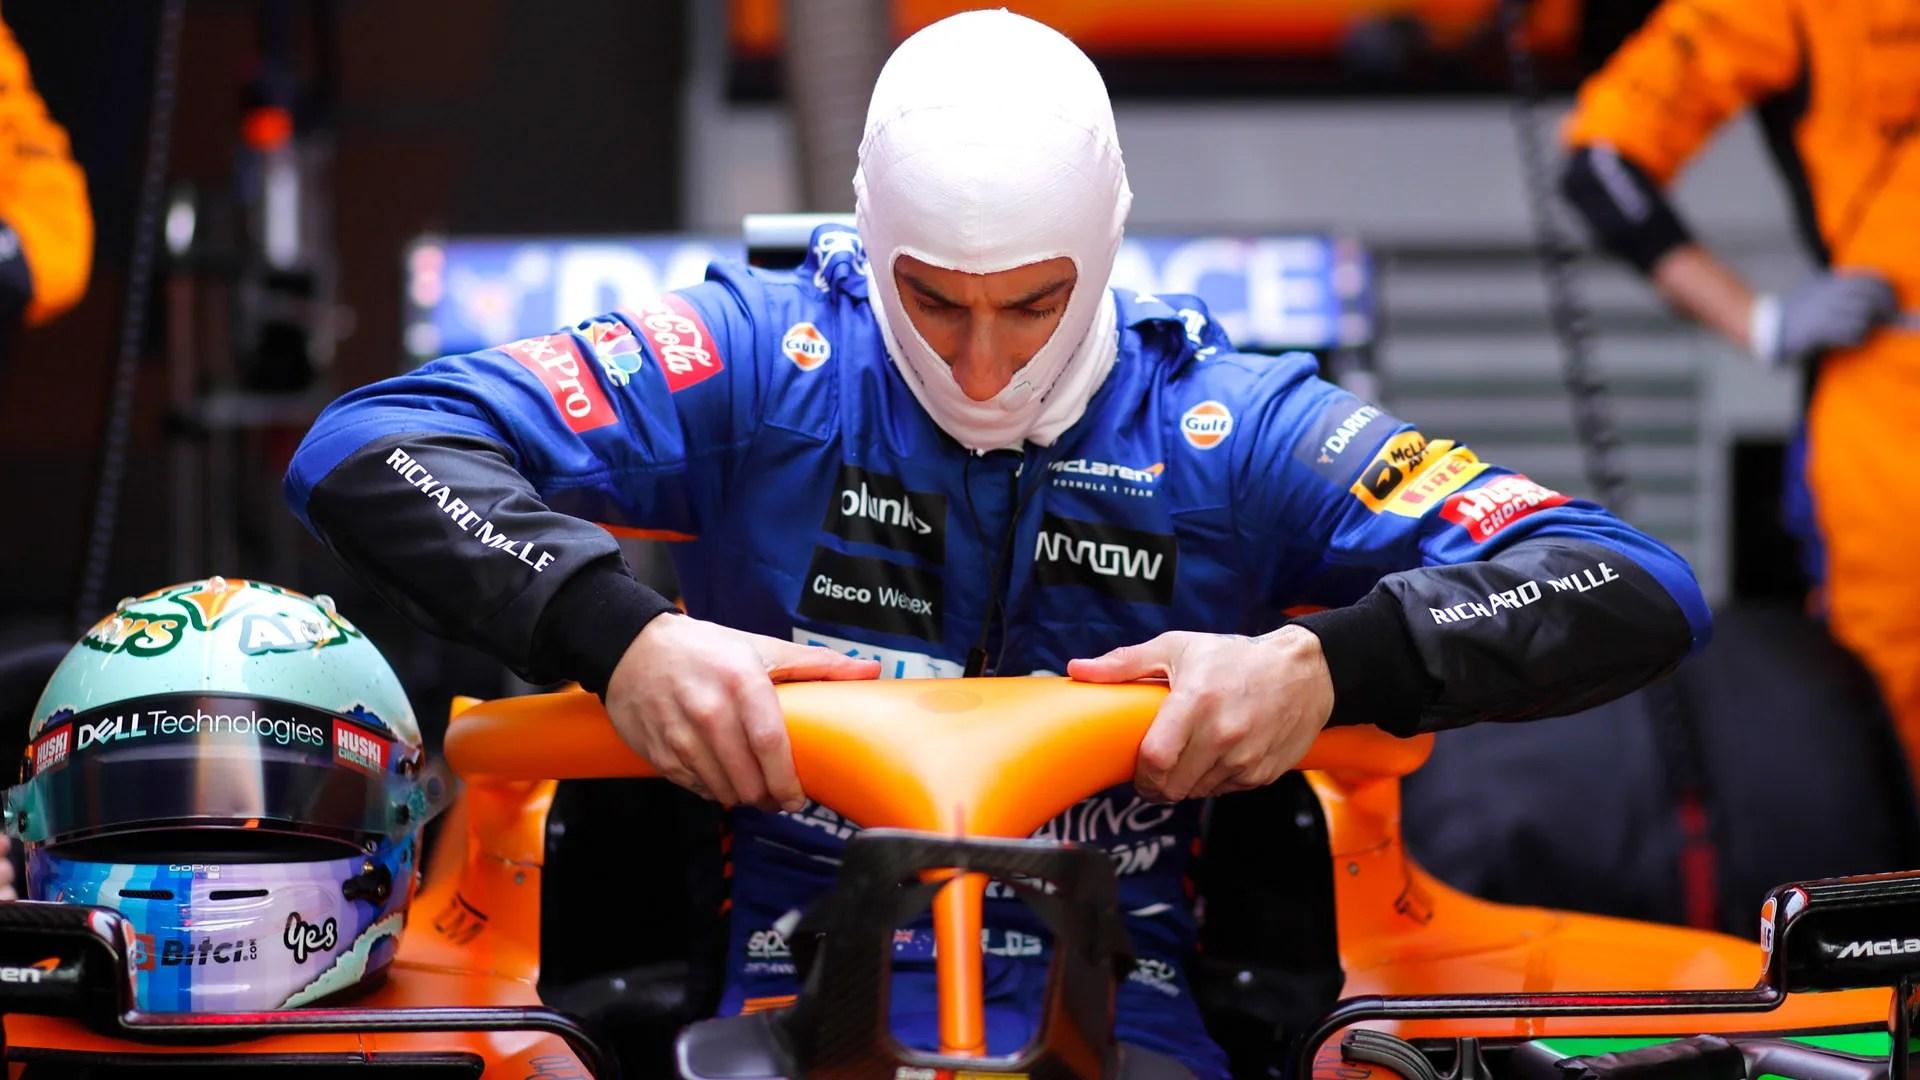 'Hanya masalah beberapa balapan akhir pekan lagi' sebelum Ricciardo naik ke kecepatan di McLaren, tegas Seidl